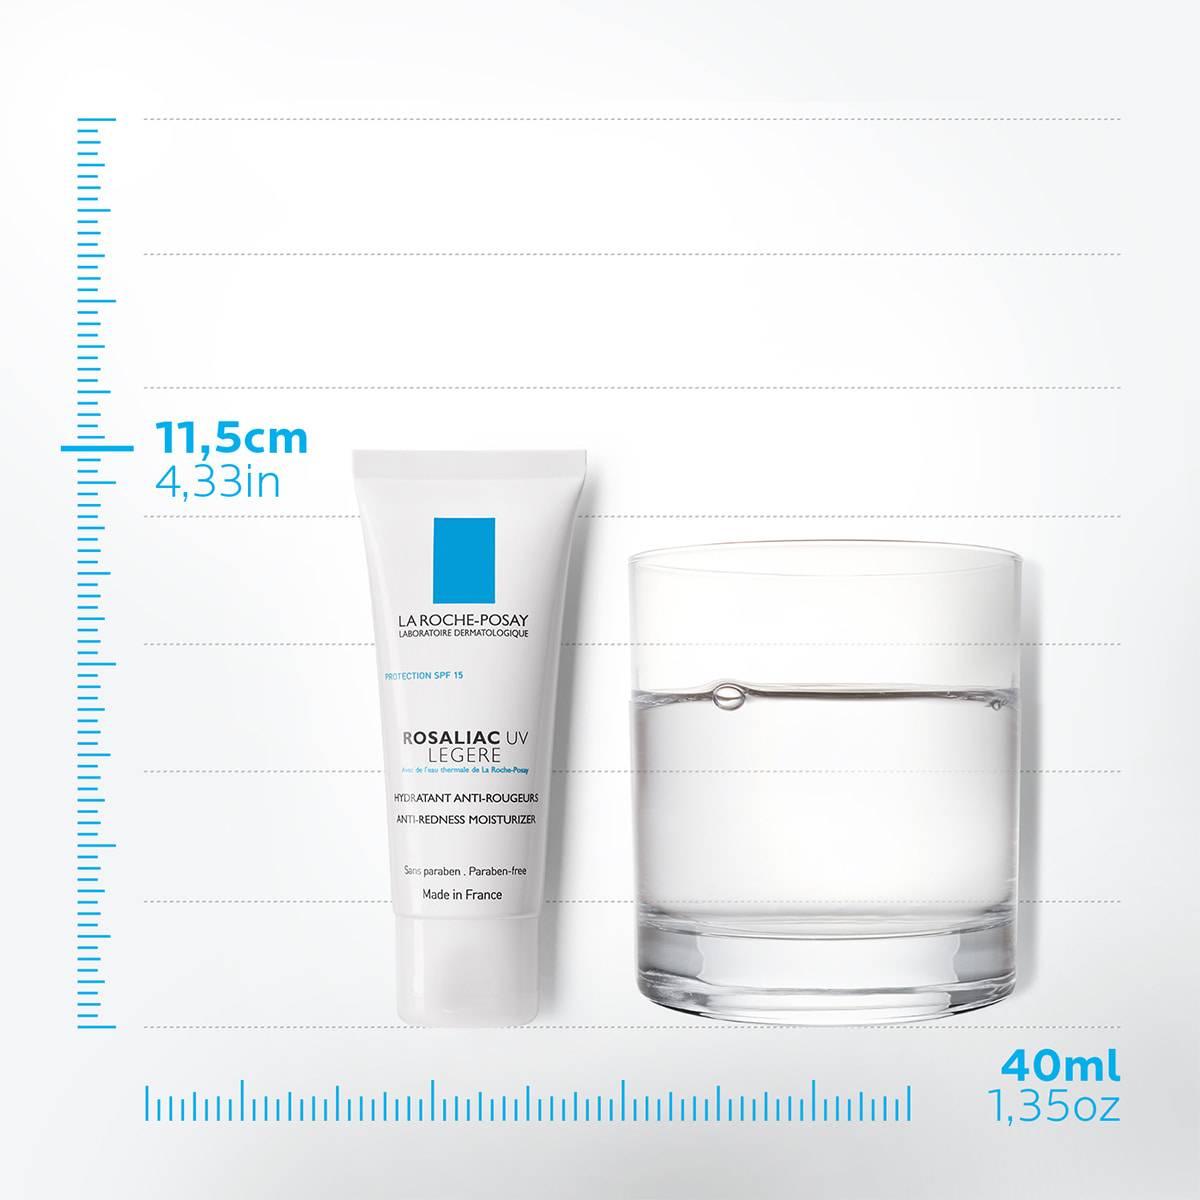 La Roche Posay Produktsida Ansiktsvård Rosaliac UV Light Spf15 40ml 3337